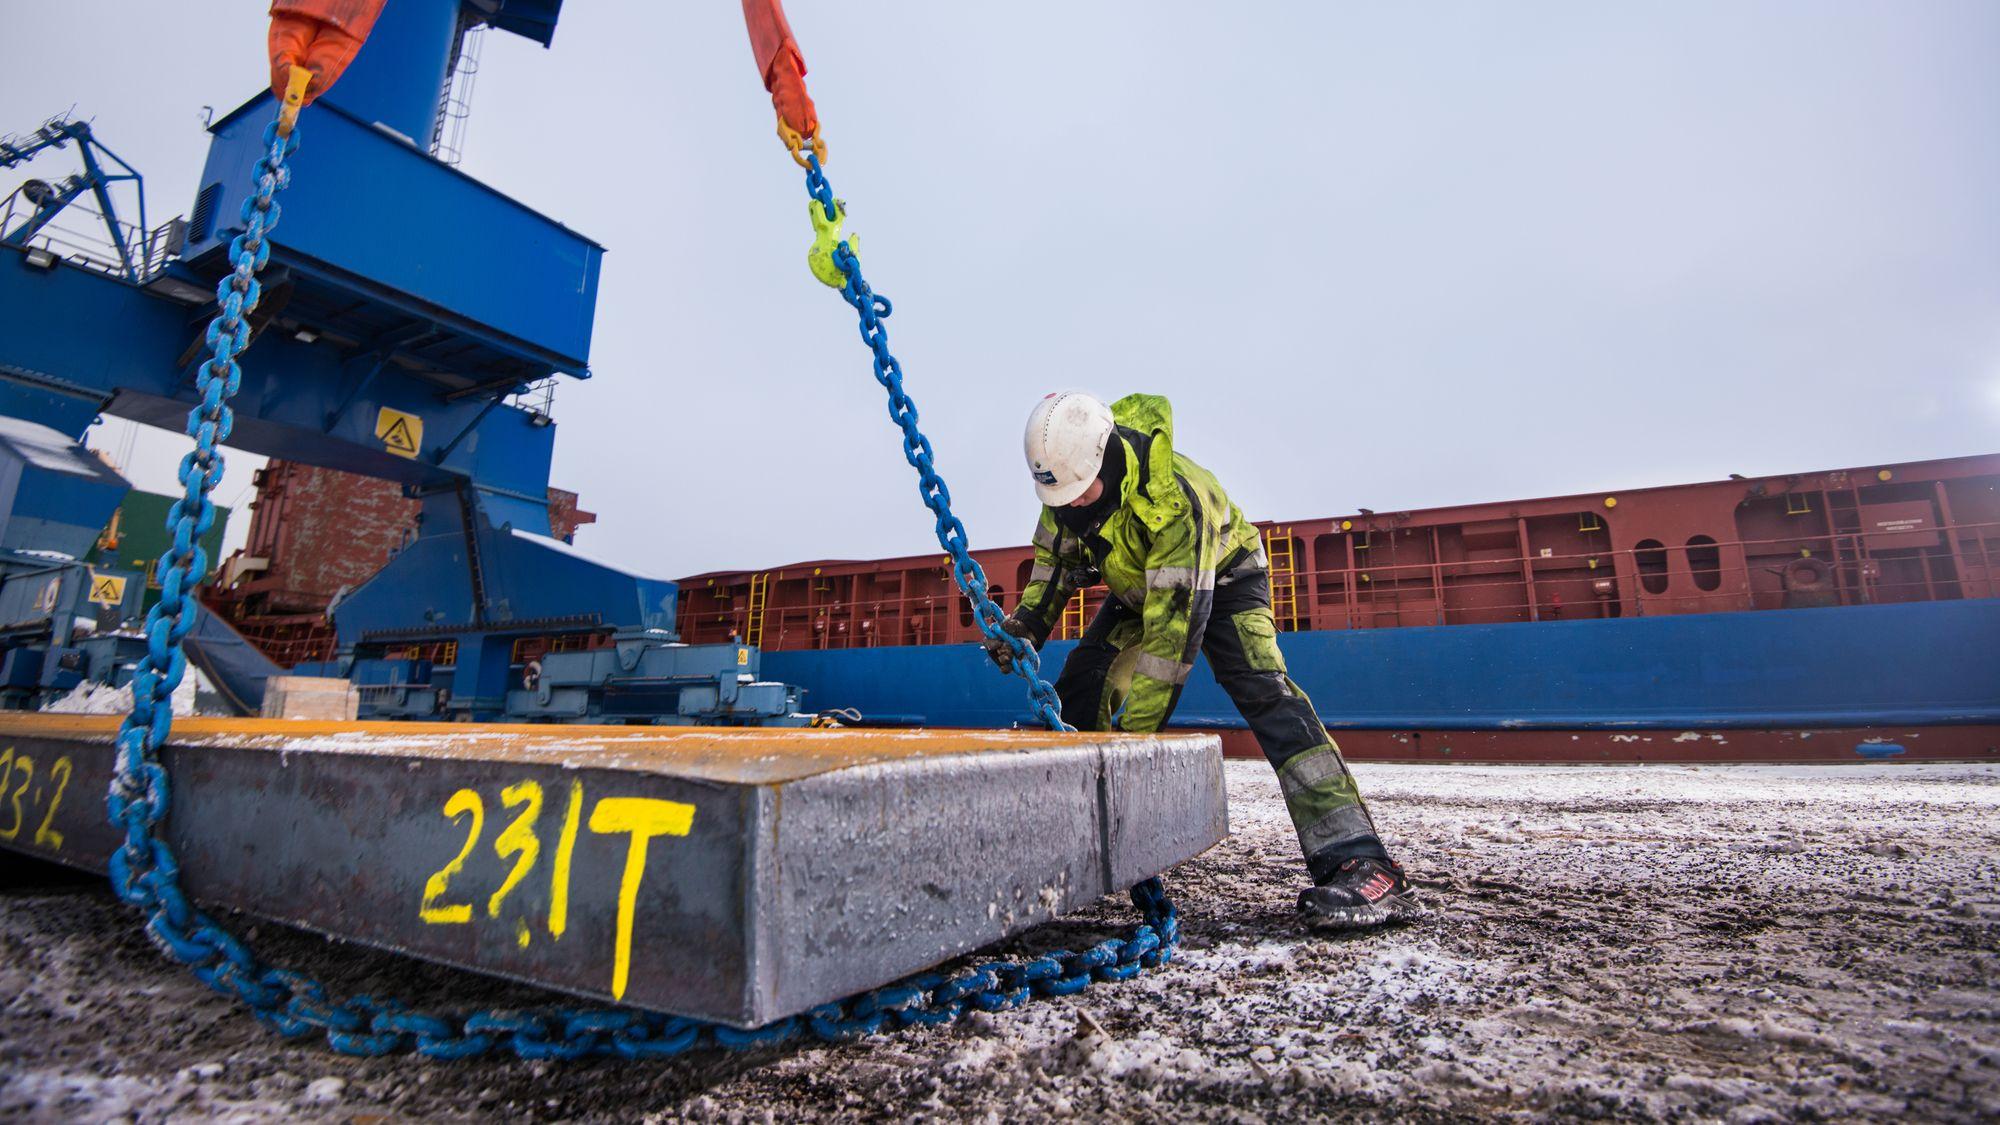 Smidigare kompetenshantering till en hamn i framkant